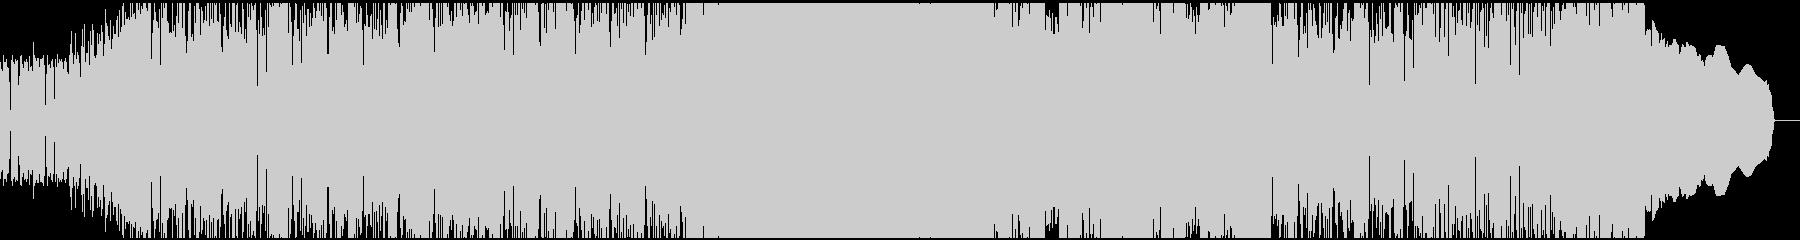 アグレッシブで疾走感あるハードロックの未再生の波形